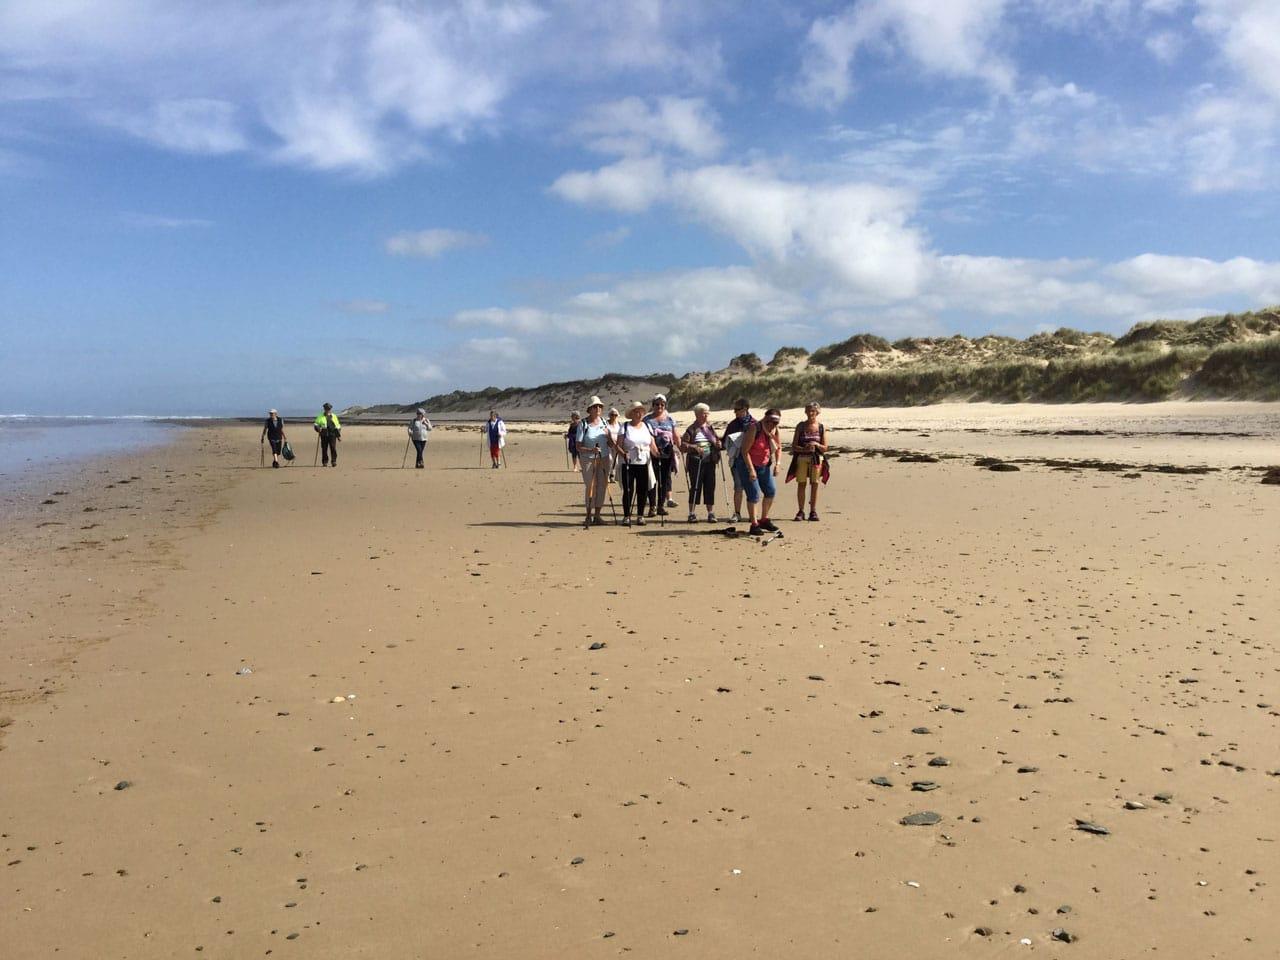 Juin 2017 - Randonnée sur la plage